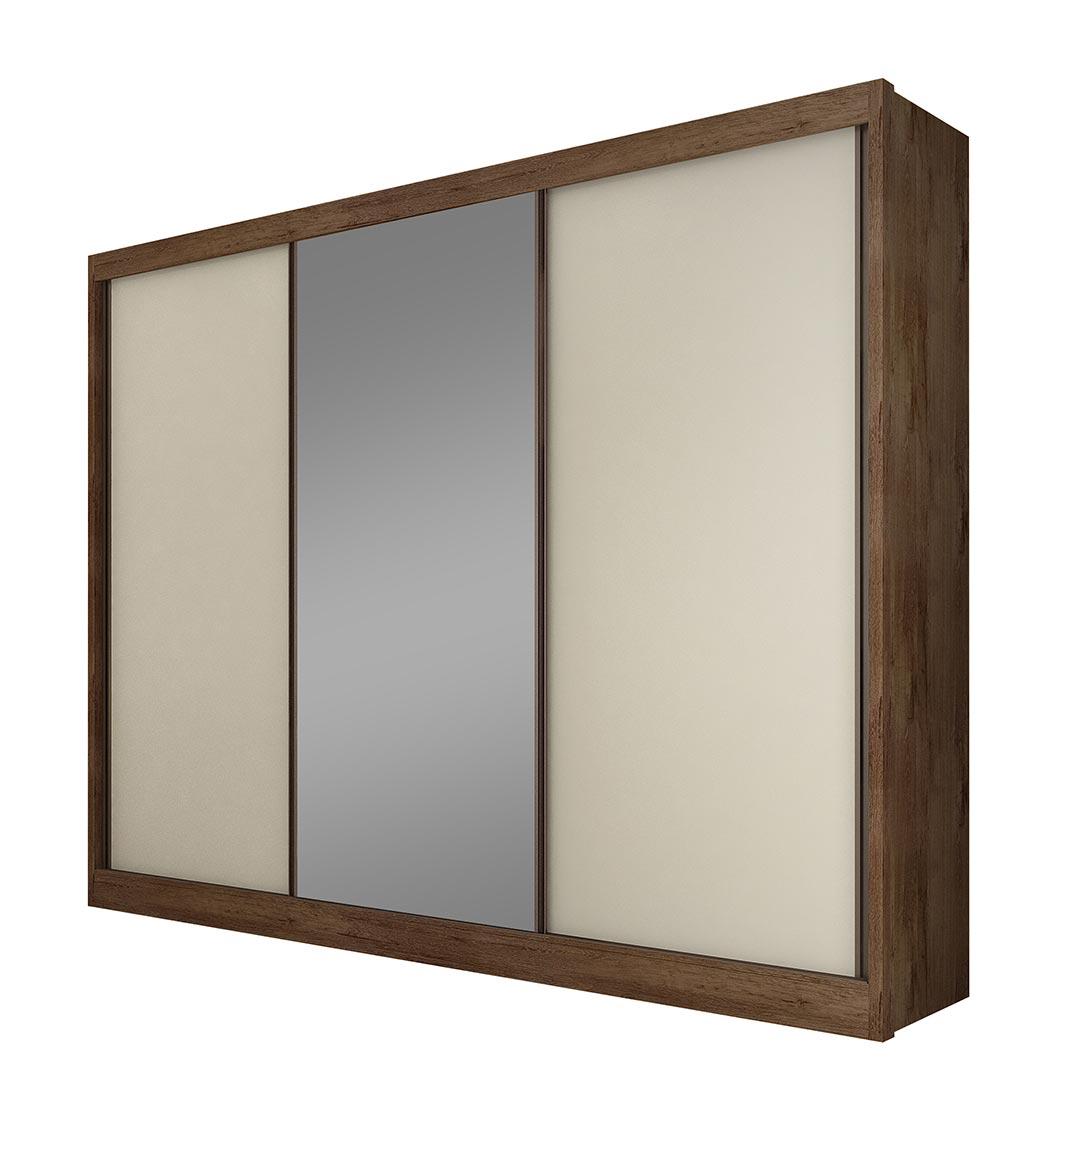 Guarda-roupa Diamond com espelho, de 3 portas - Canela e laca off white